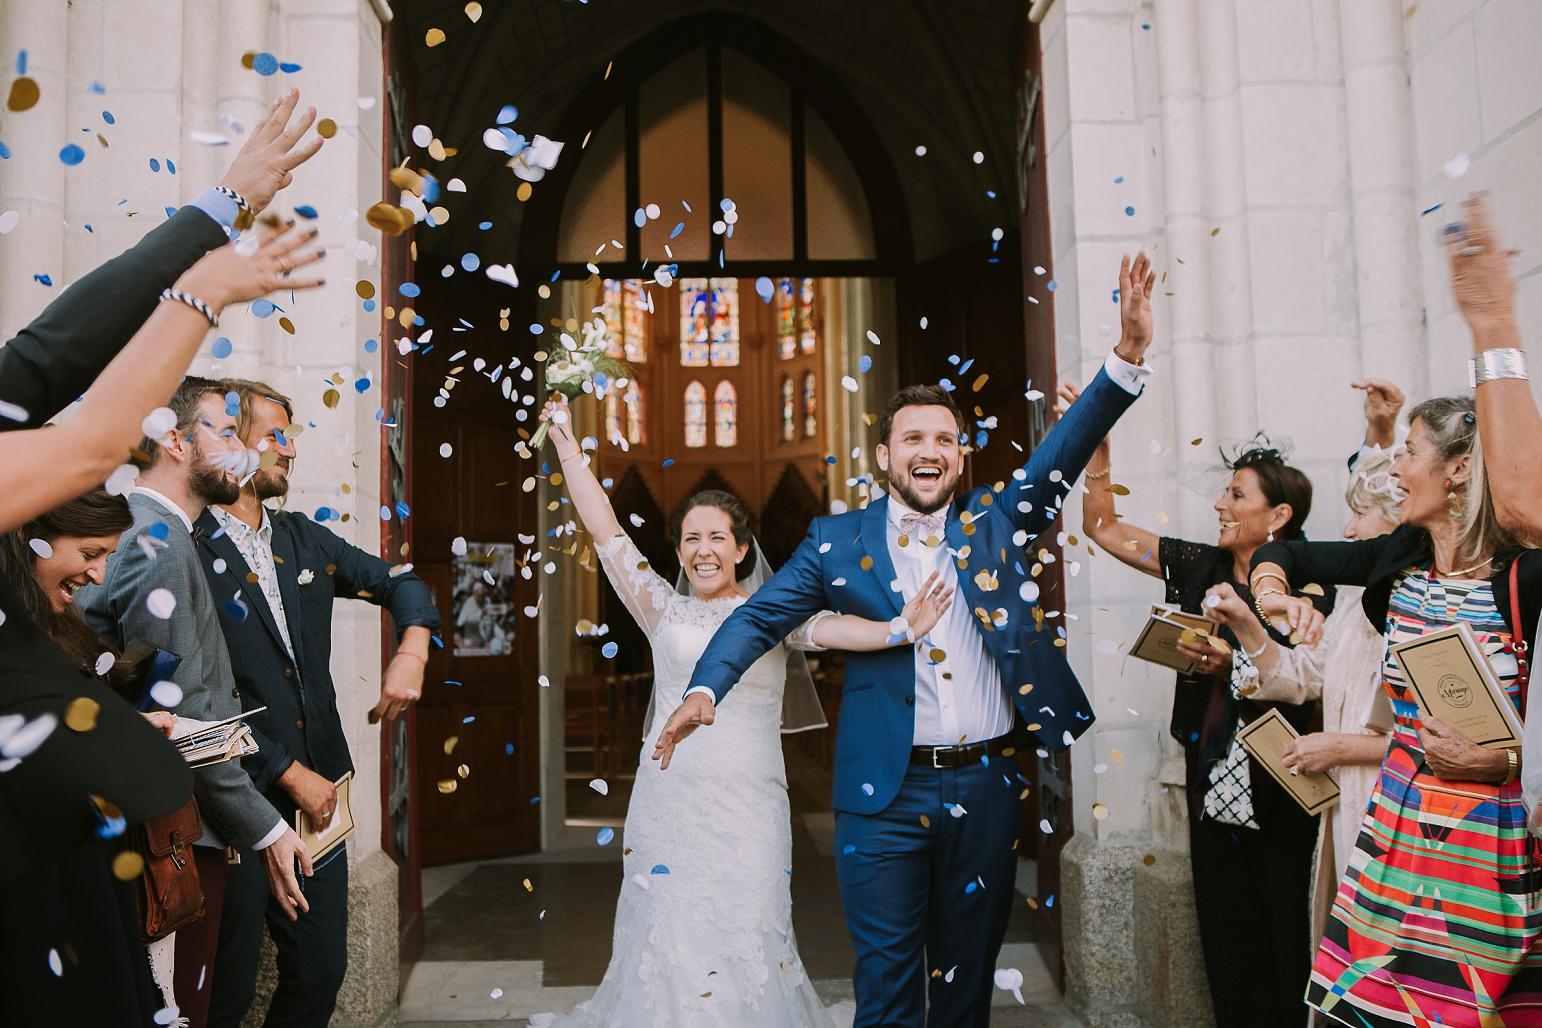 kateryna-photos-mariage-wedding-france-bretagne-pays-de-la-loire-chateau-de-la-colaissiere-st-sauveur-de-landemont_0043.jpg